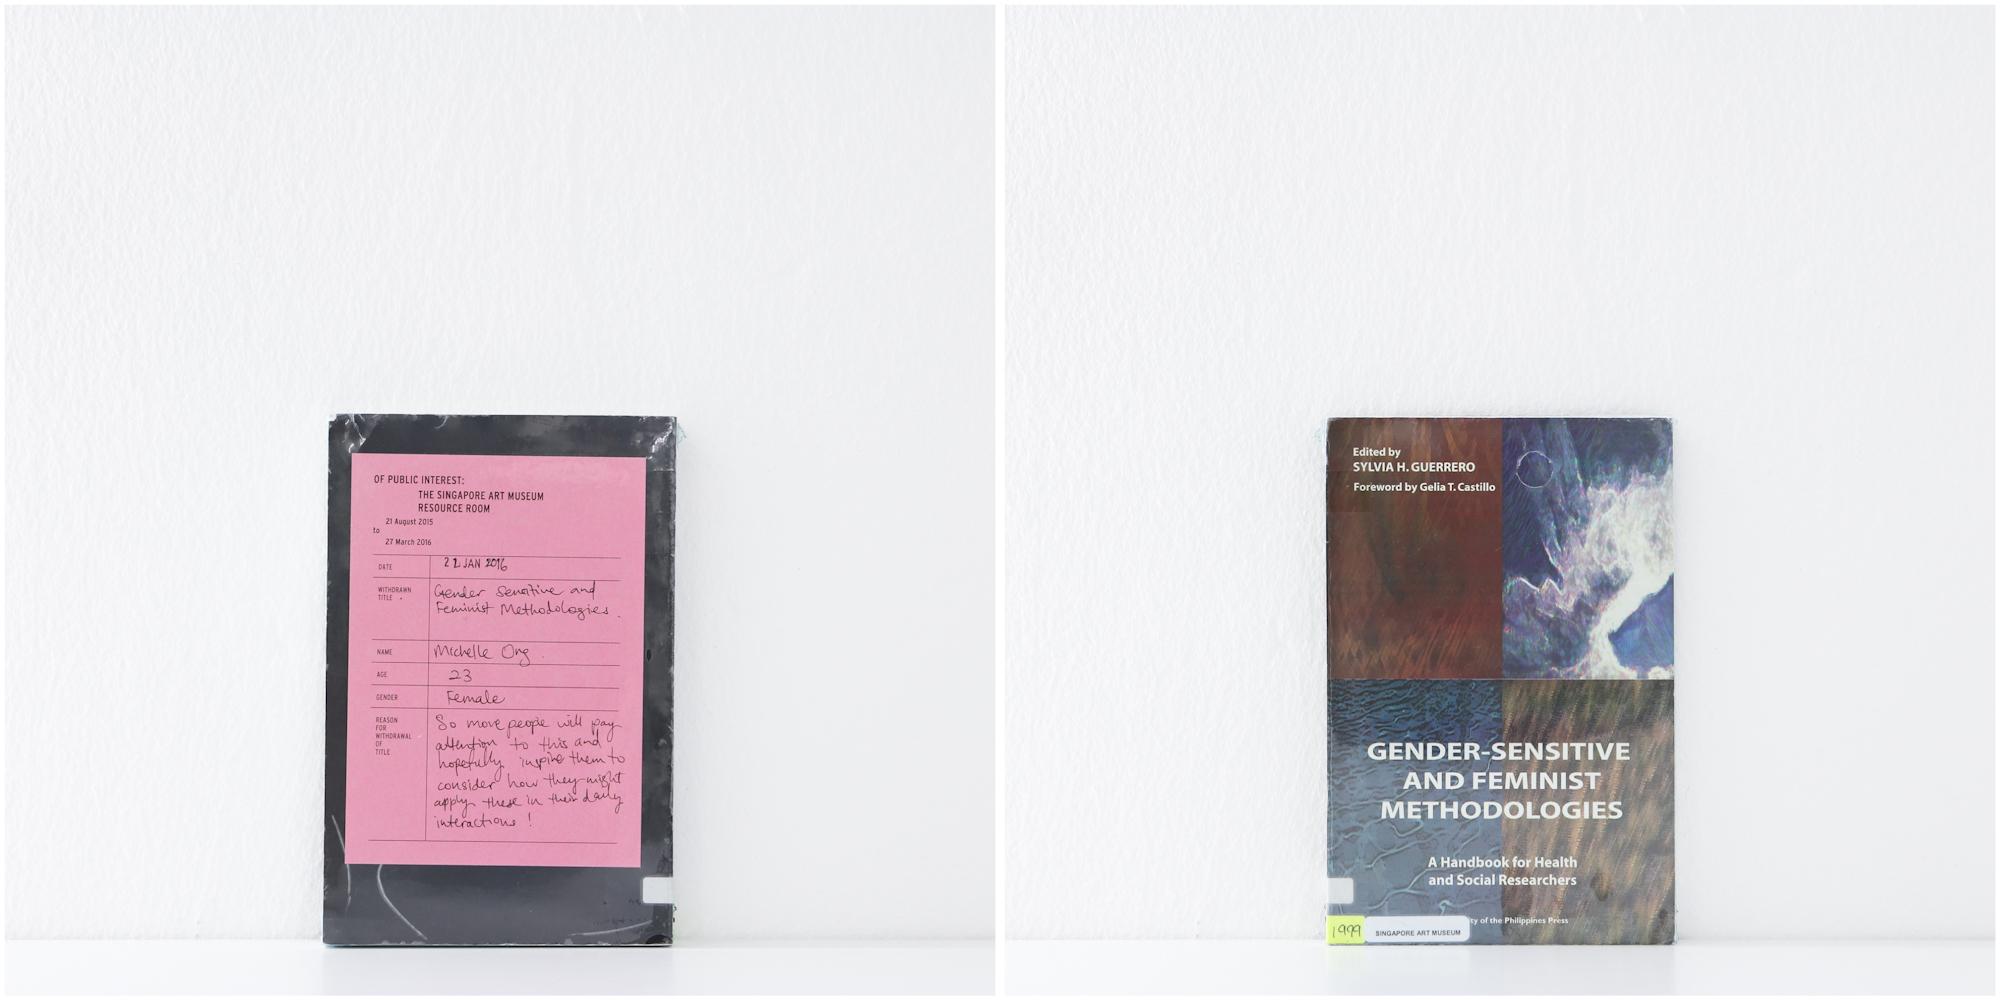 'Gender-Sensitive And Feminist Methodologies', 22/1/16, Michelle Ong, 23, Female